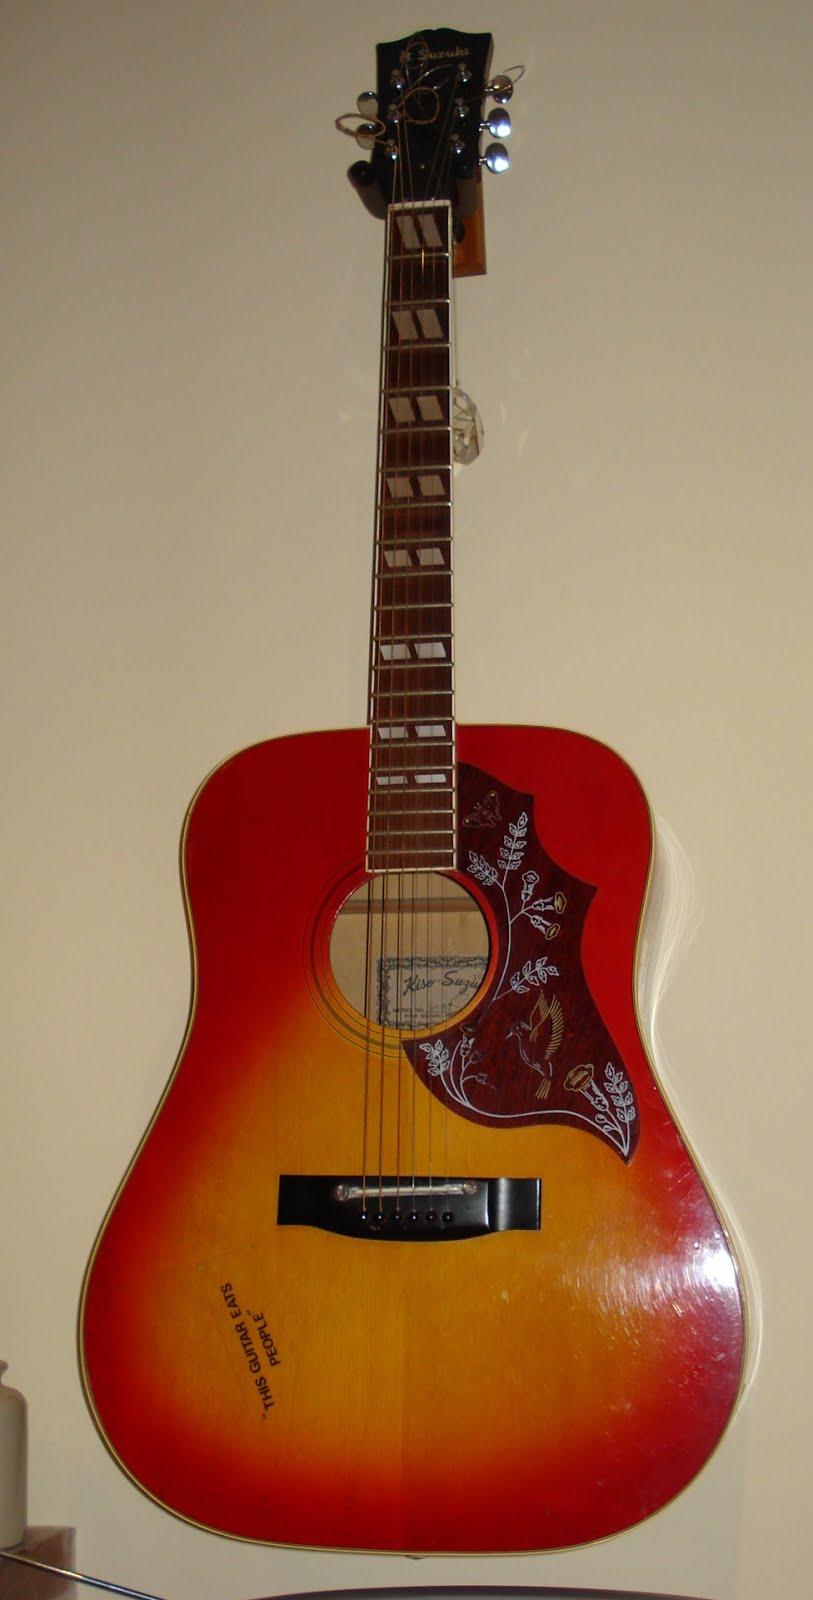 Suzuki Violin Company Guitar